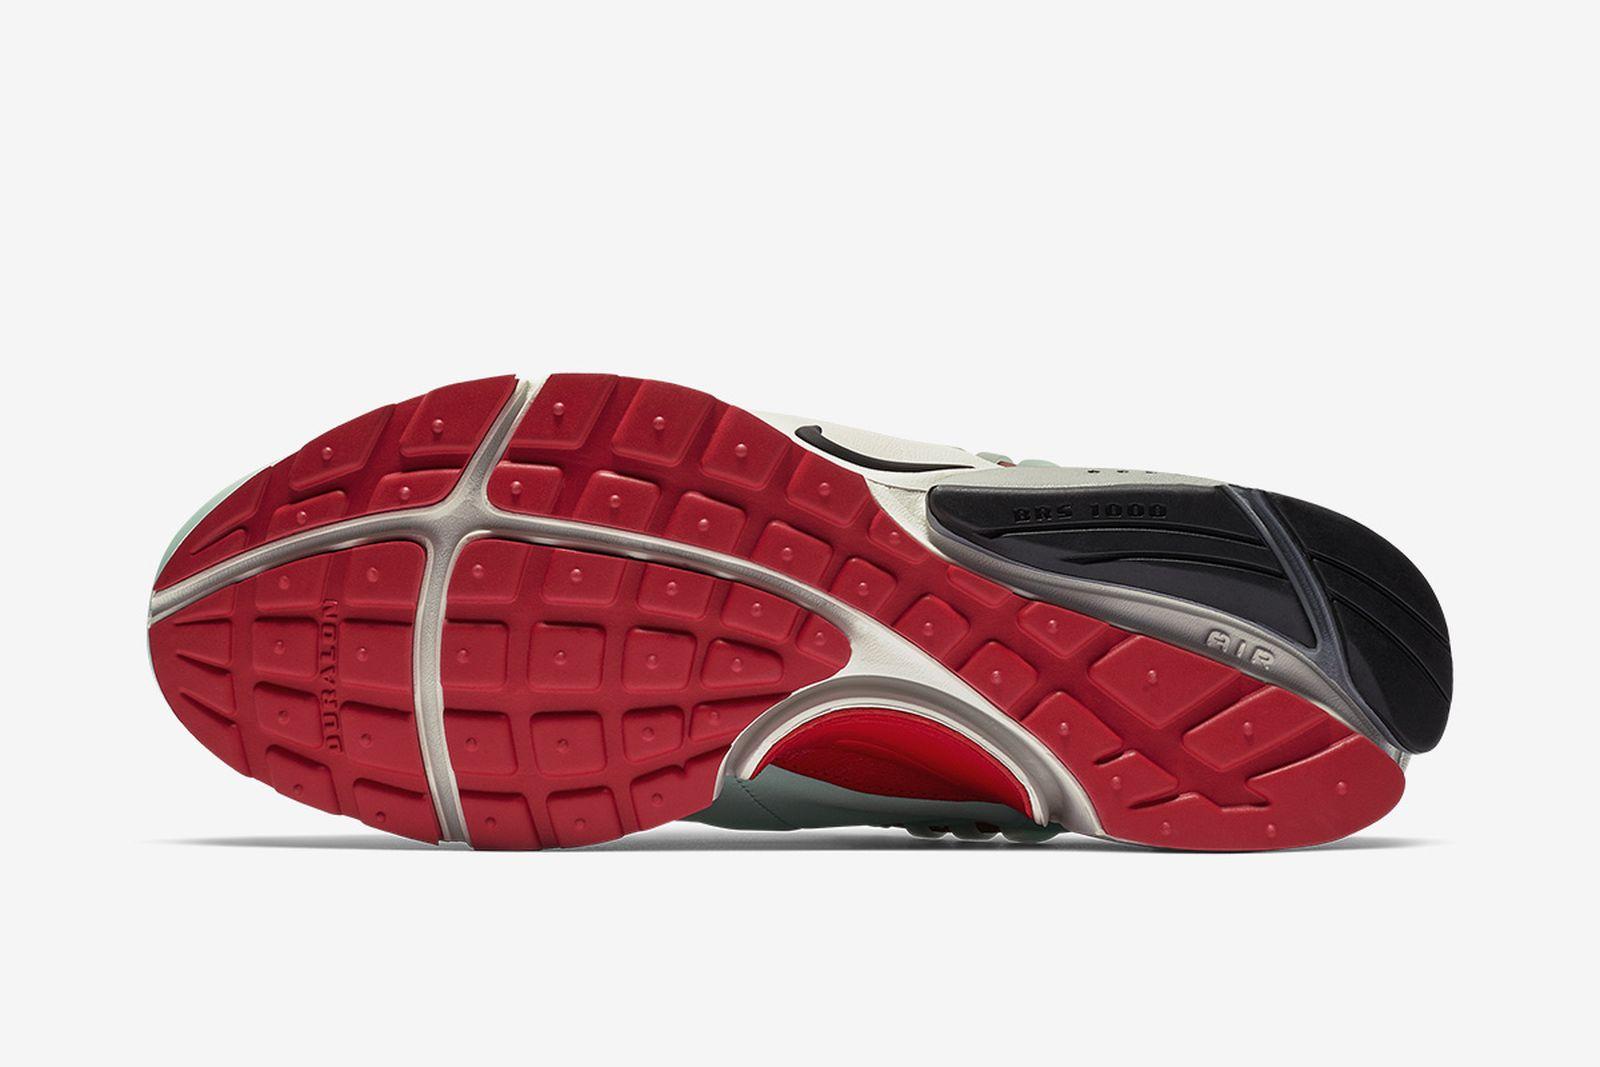 COMME des GARÇONS HOMME Plus x Nike Air Presto Foot Tent: Release ...